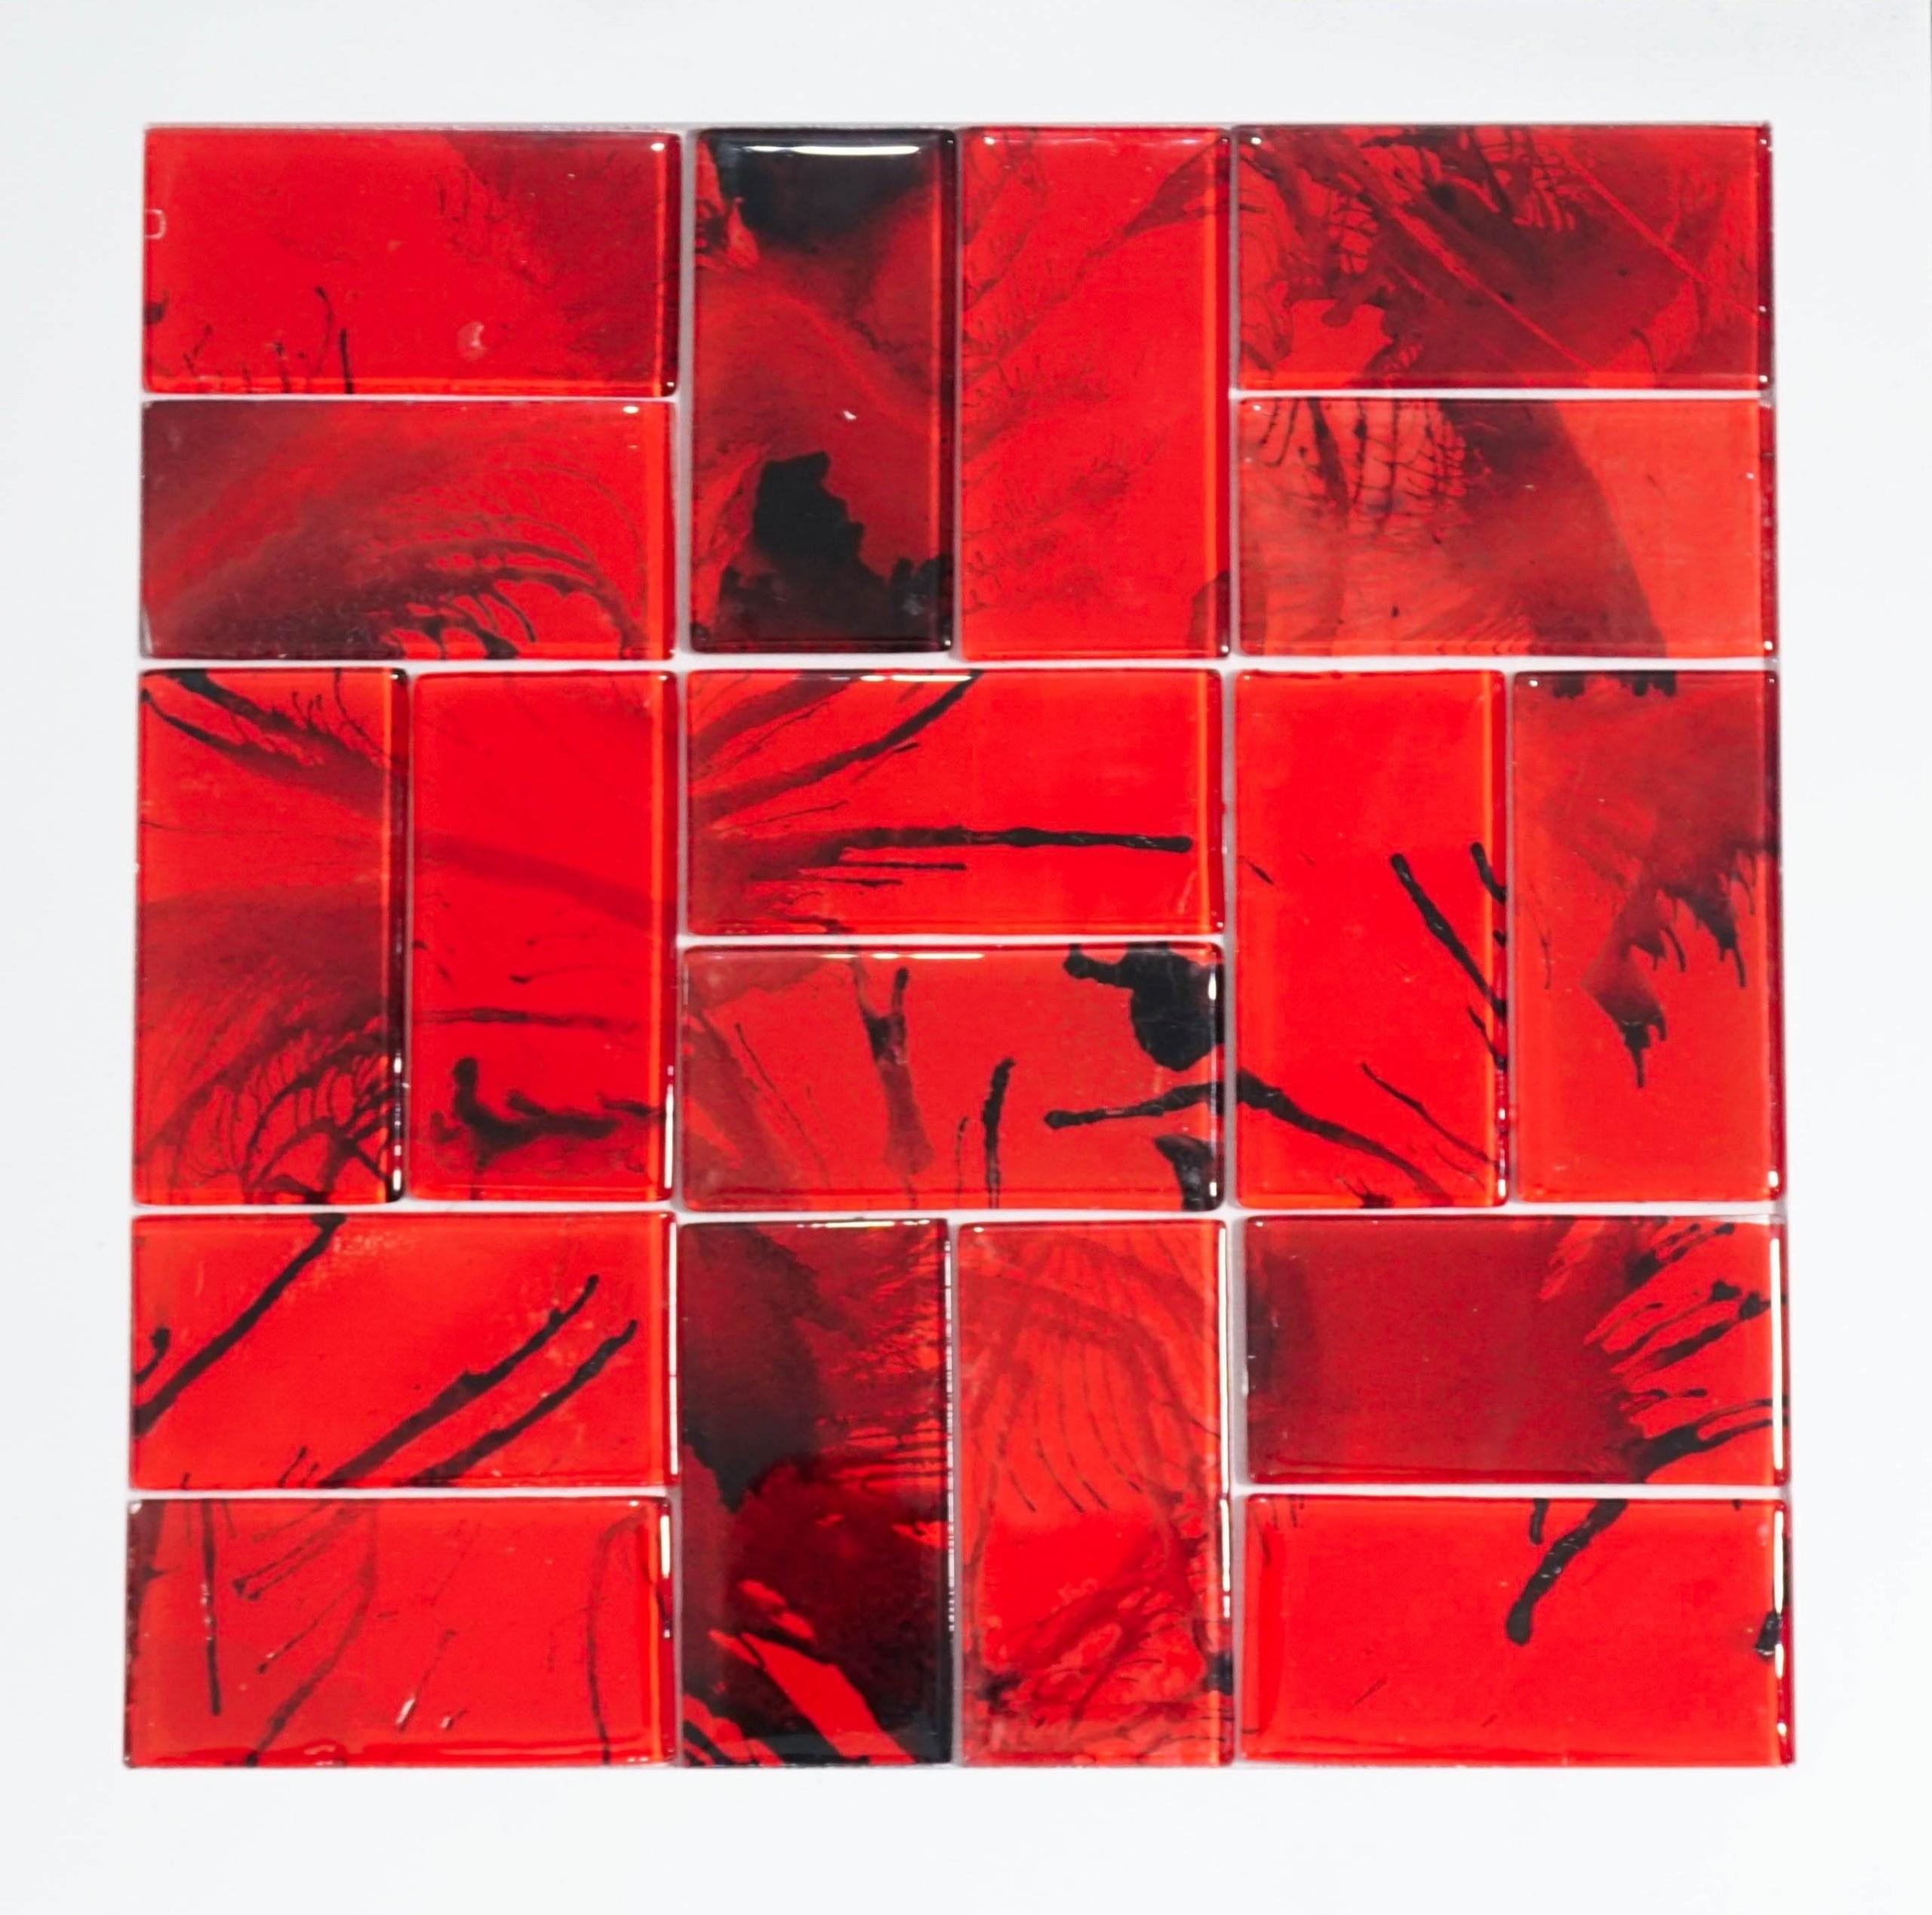 Gạch trang trí mosaic cao cấp BC-HVL06